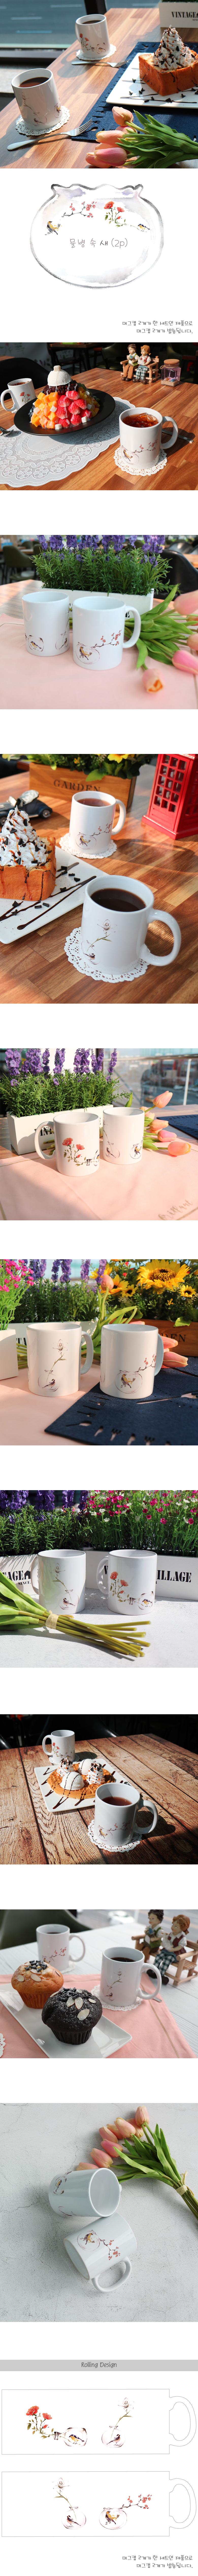 디자인머그컵2p-물병속새 - 꾸밈, 14,400원, 머그컵, 머그컵 세트